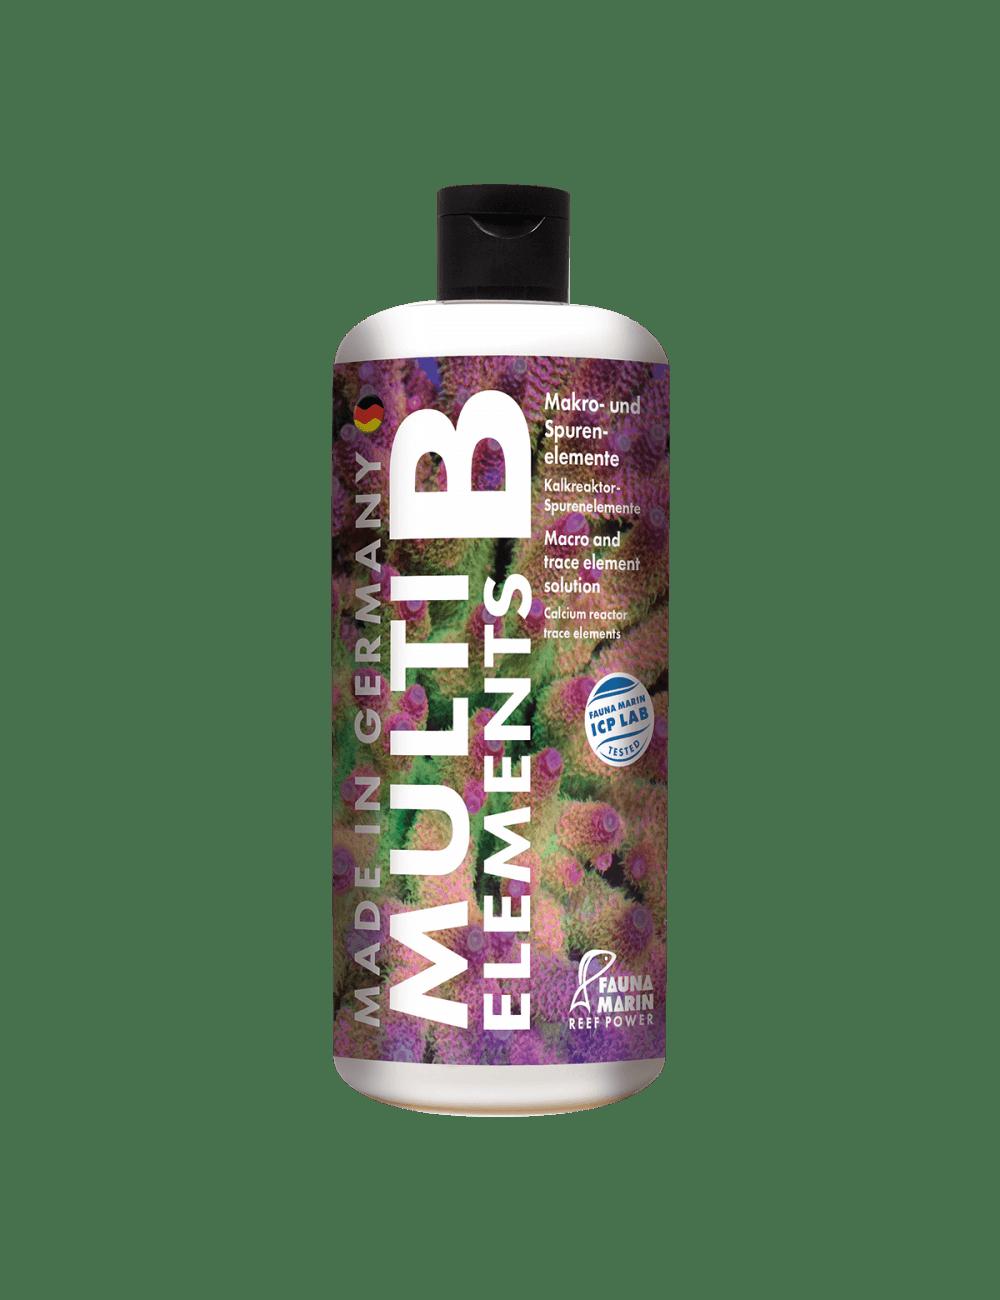 FAUNA MARIN - Multi Elements B - 1000 ml - Mélange d'oligo-éléments - Pour la résistance des tissus coralliens